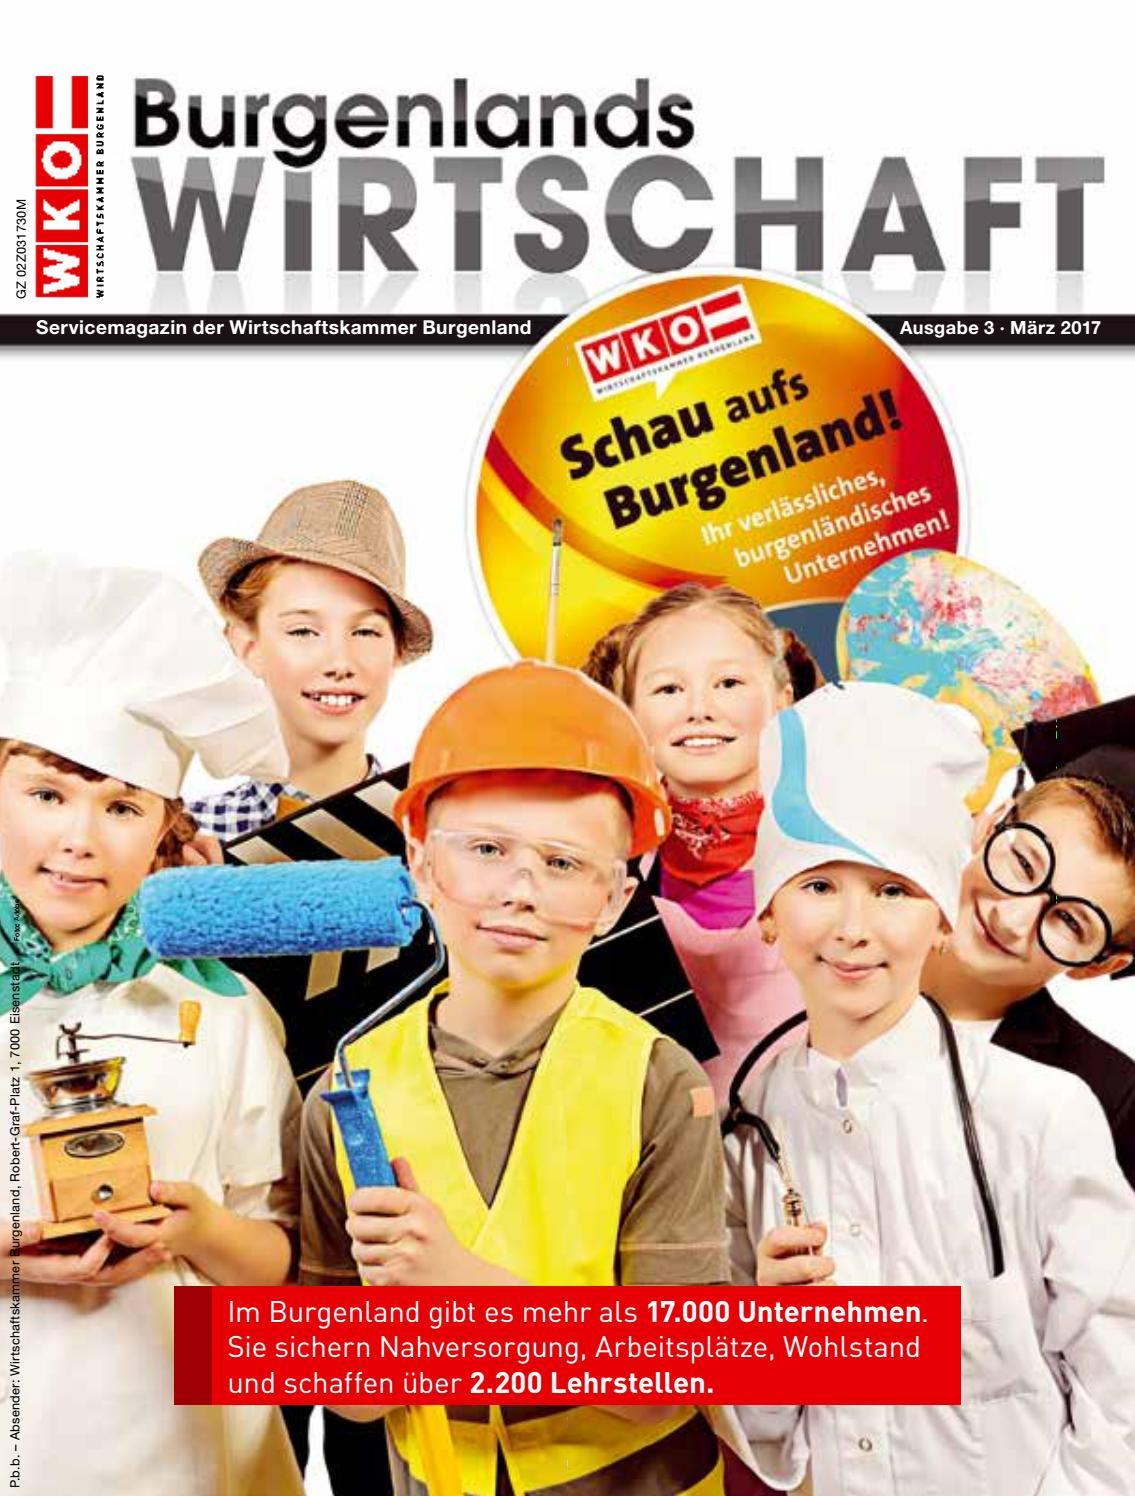 Freunde und Freizeitpartner Oberwart - carolinavolksfolks.com